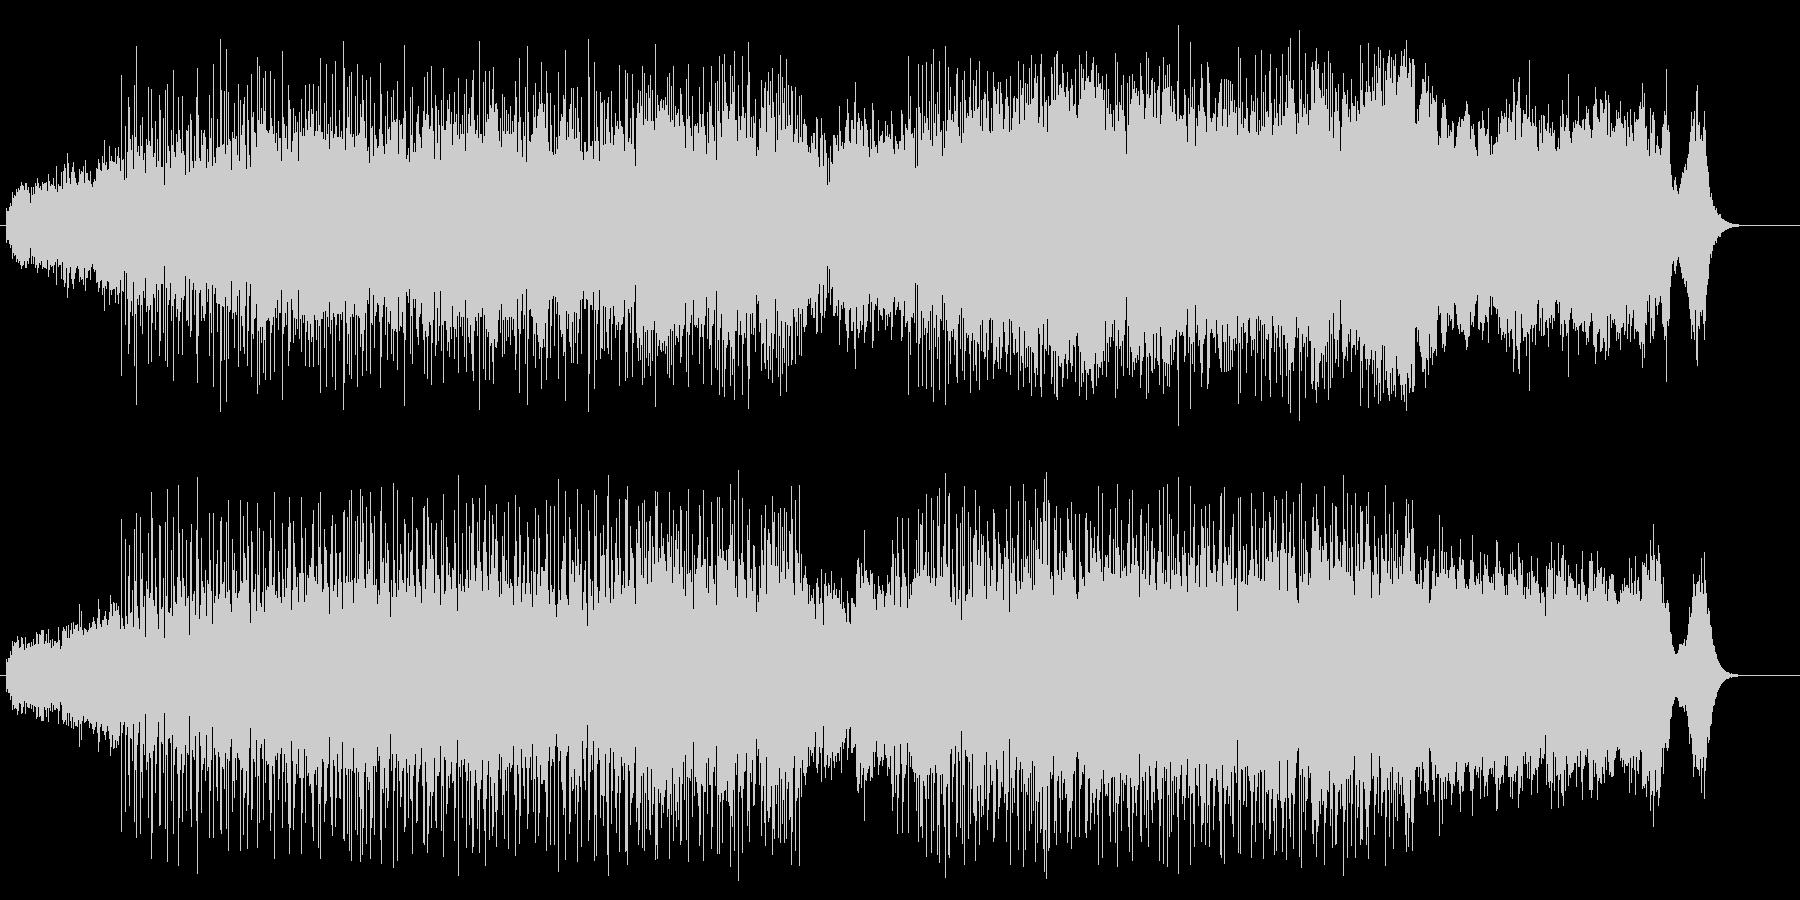 バグパイプのポップアンサンブルの未再生の波形